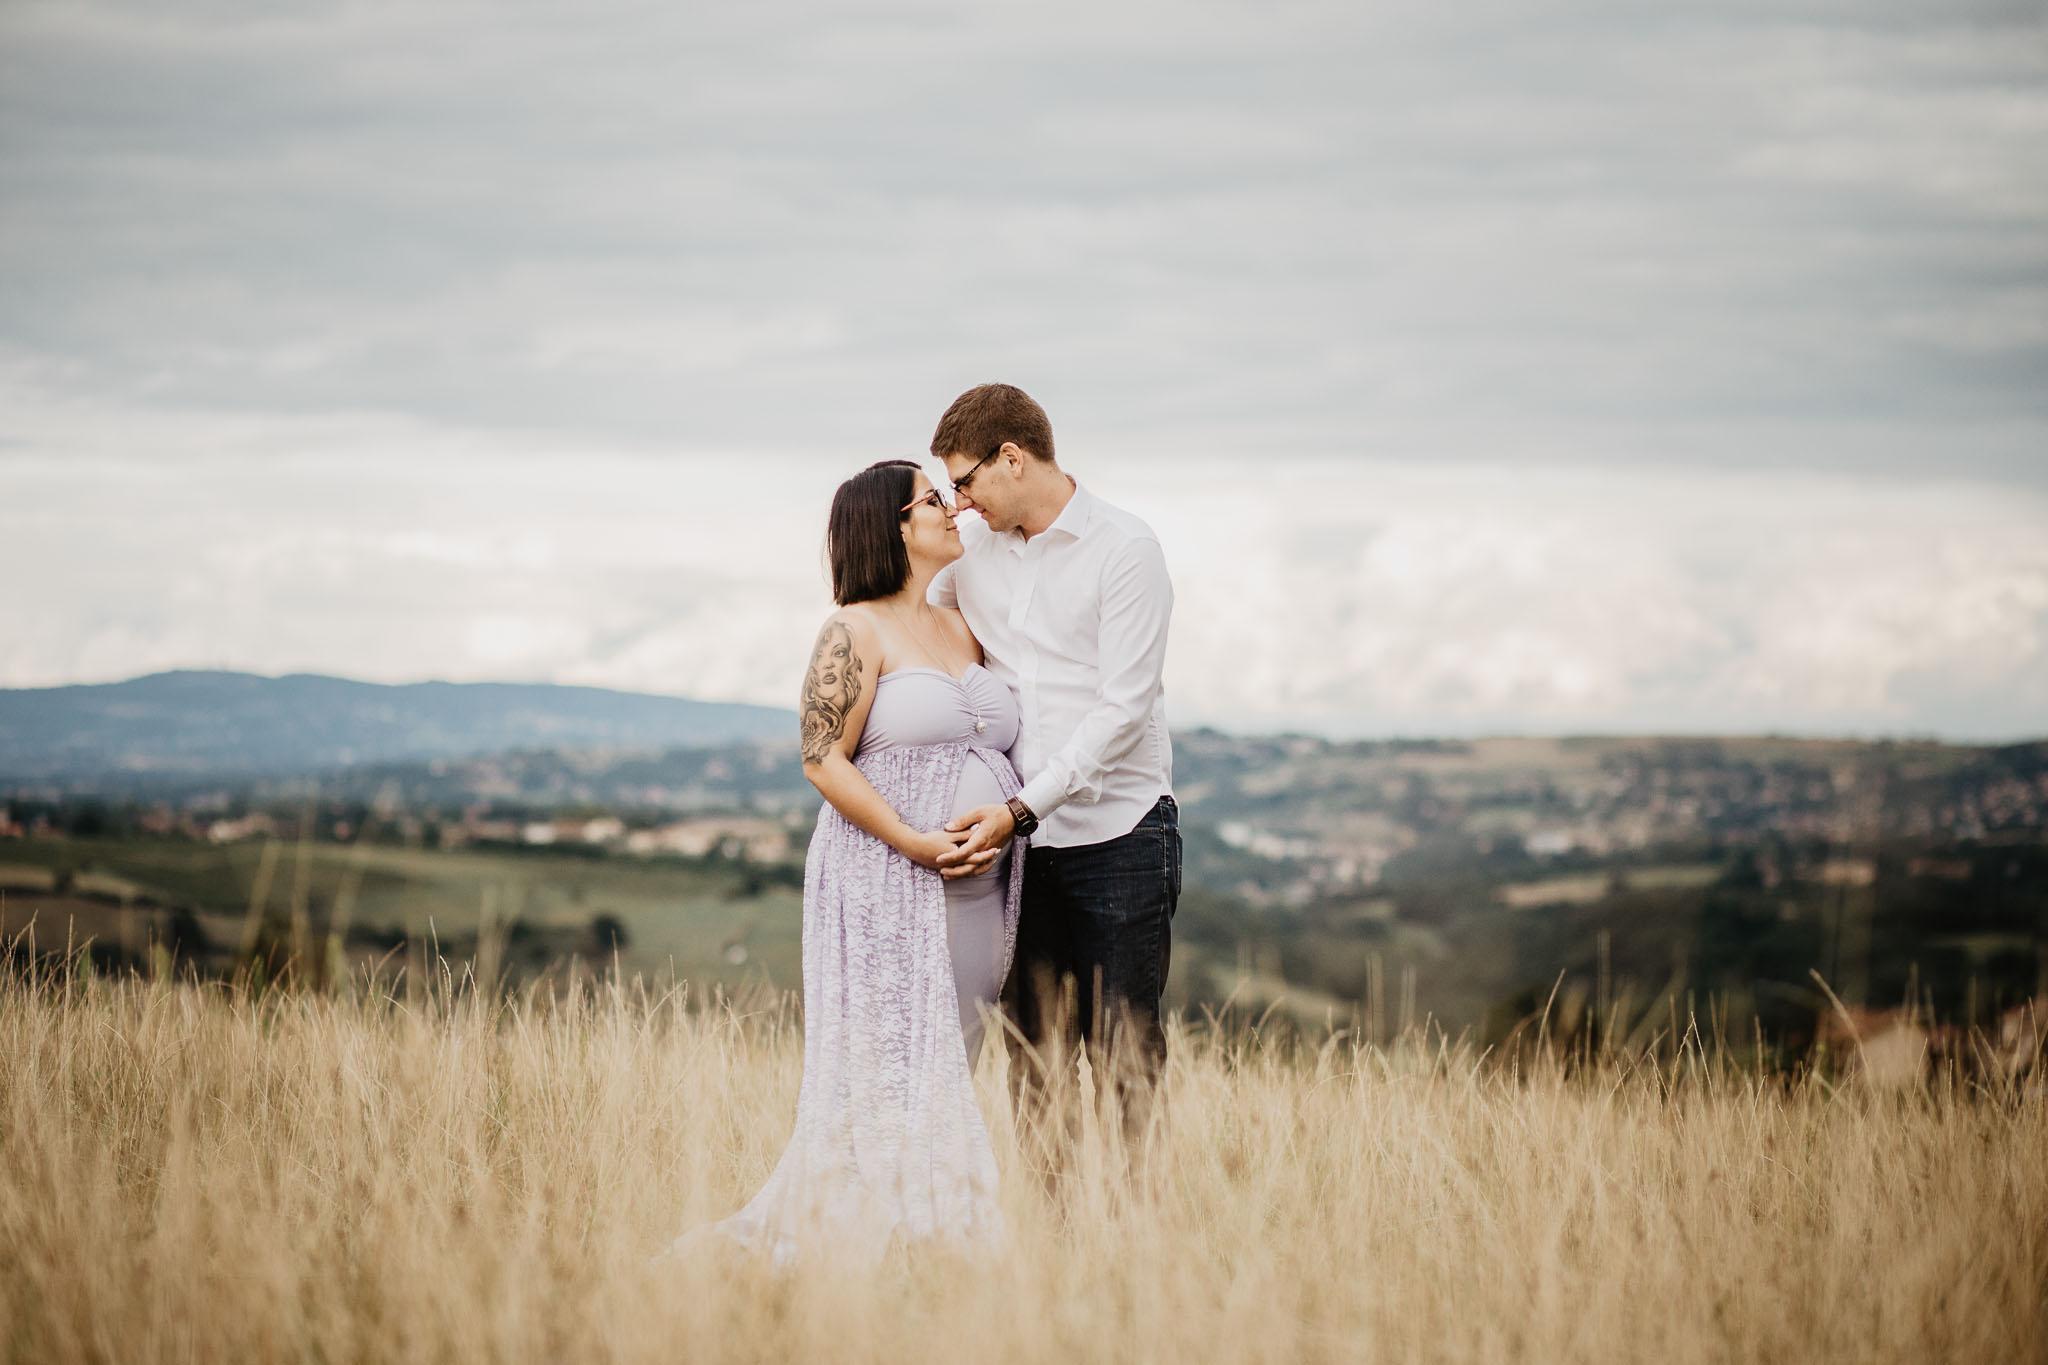 grossesse-enceinte-maternite-couple-exterieur-lumiere-naturelle-ingold-photographe-rhone-alpes-ain-isere-loire-62.jpg